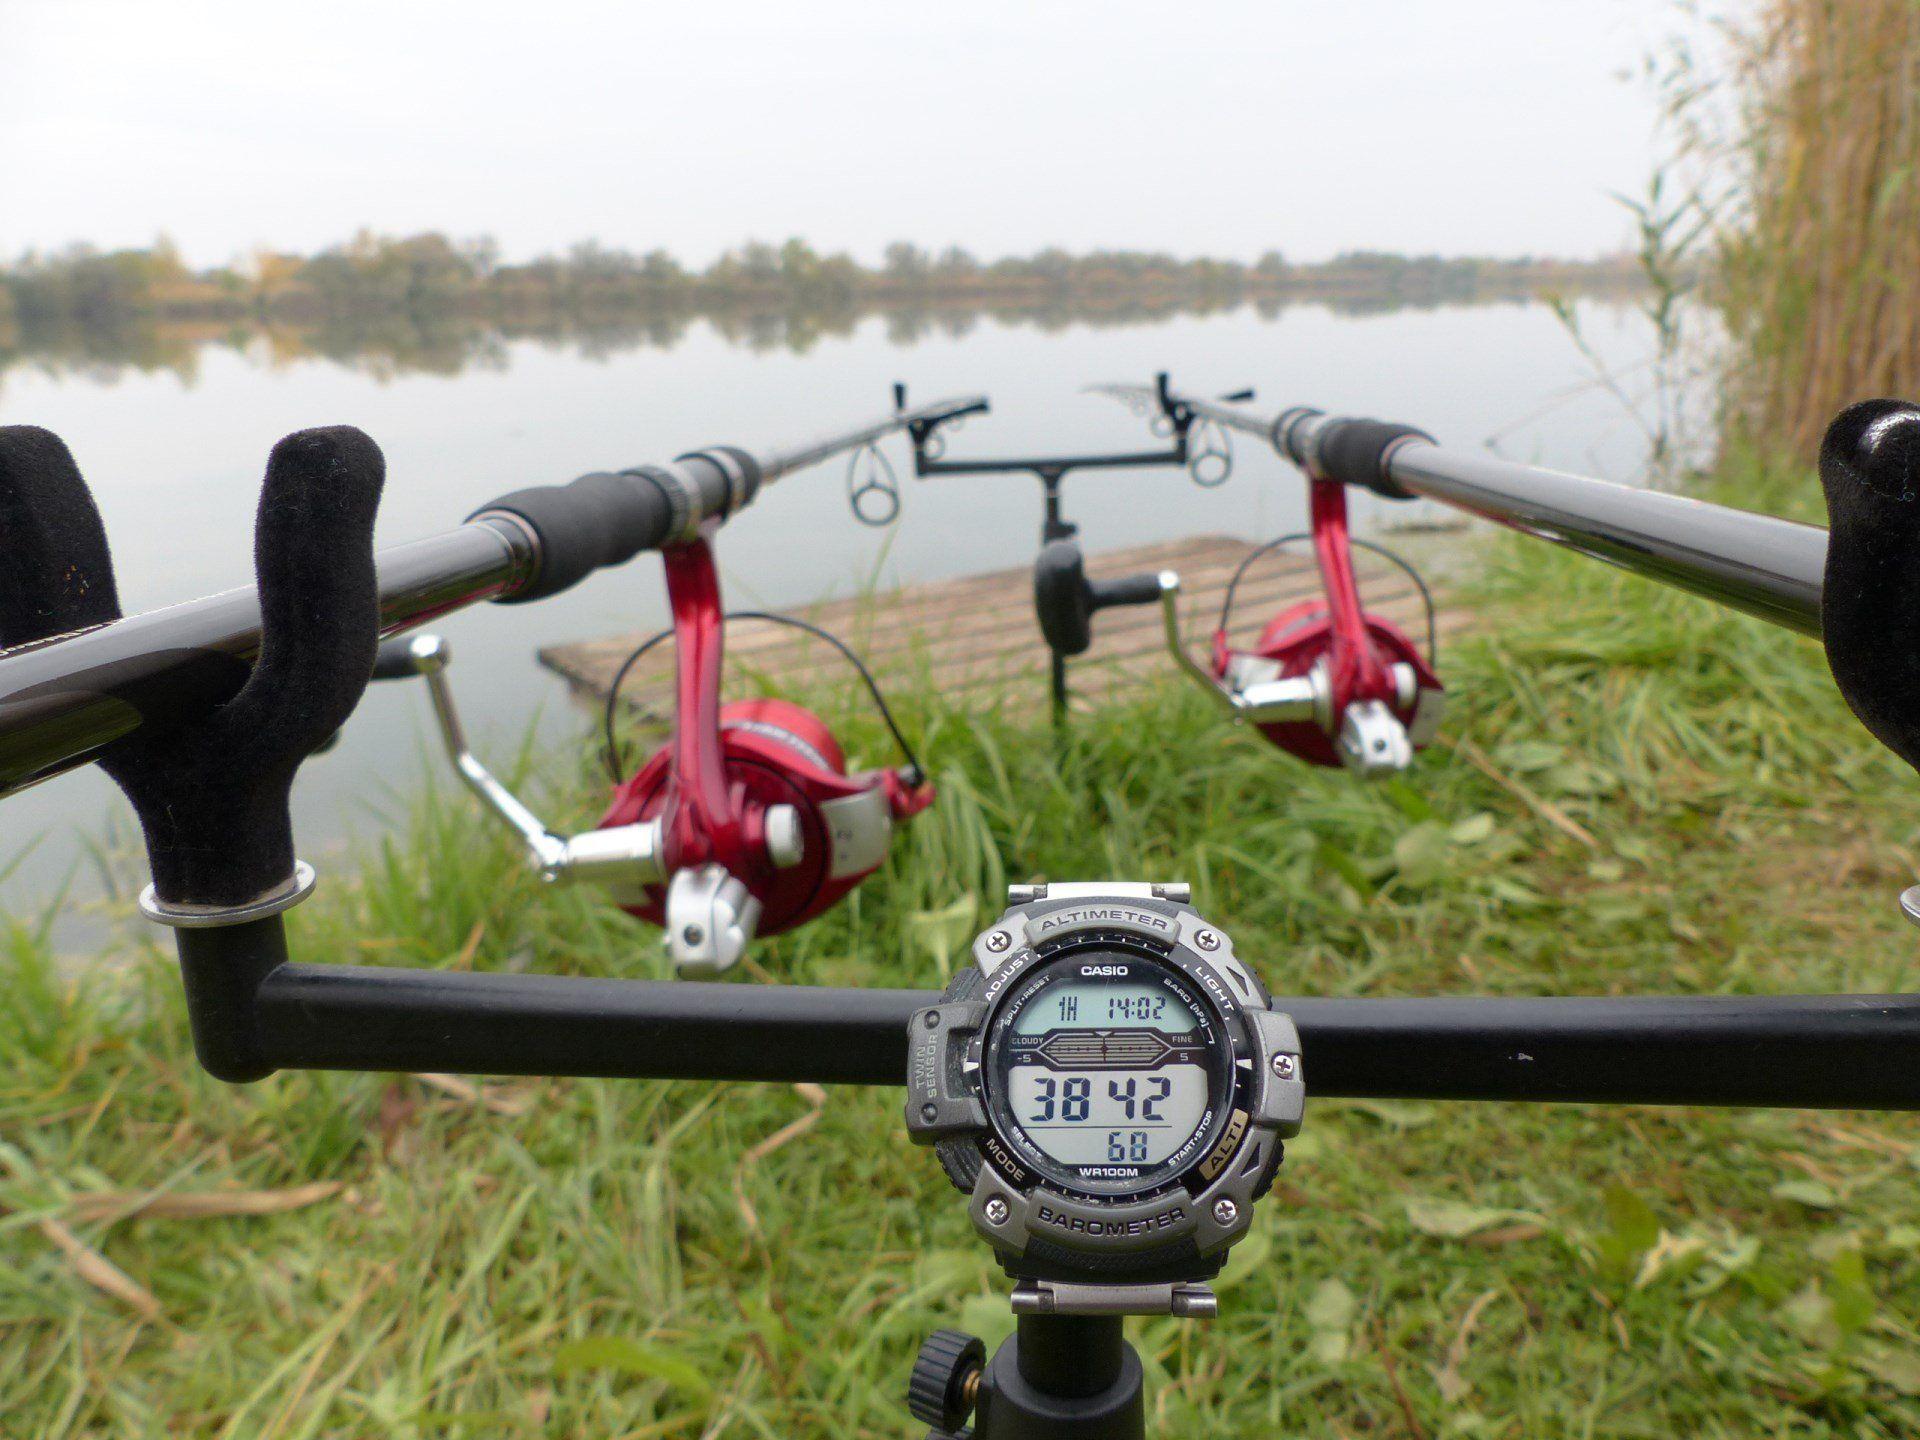 Nem volt túl sok akció a délelőtt folyamán. Több mint másfél órája voltak bedobva a végszerelékek, mégsem voltam ideges. Ki kell ülni az ilyen tavakon a halat!